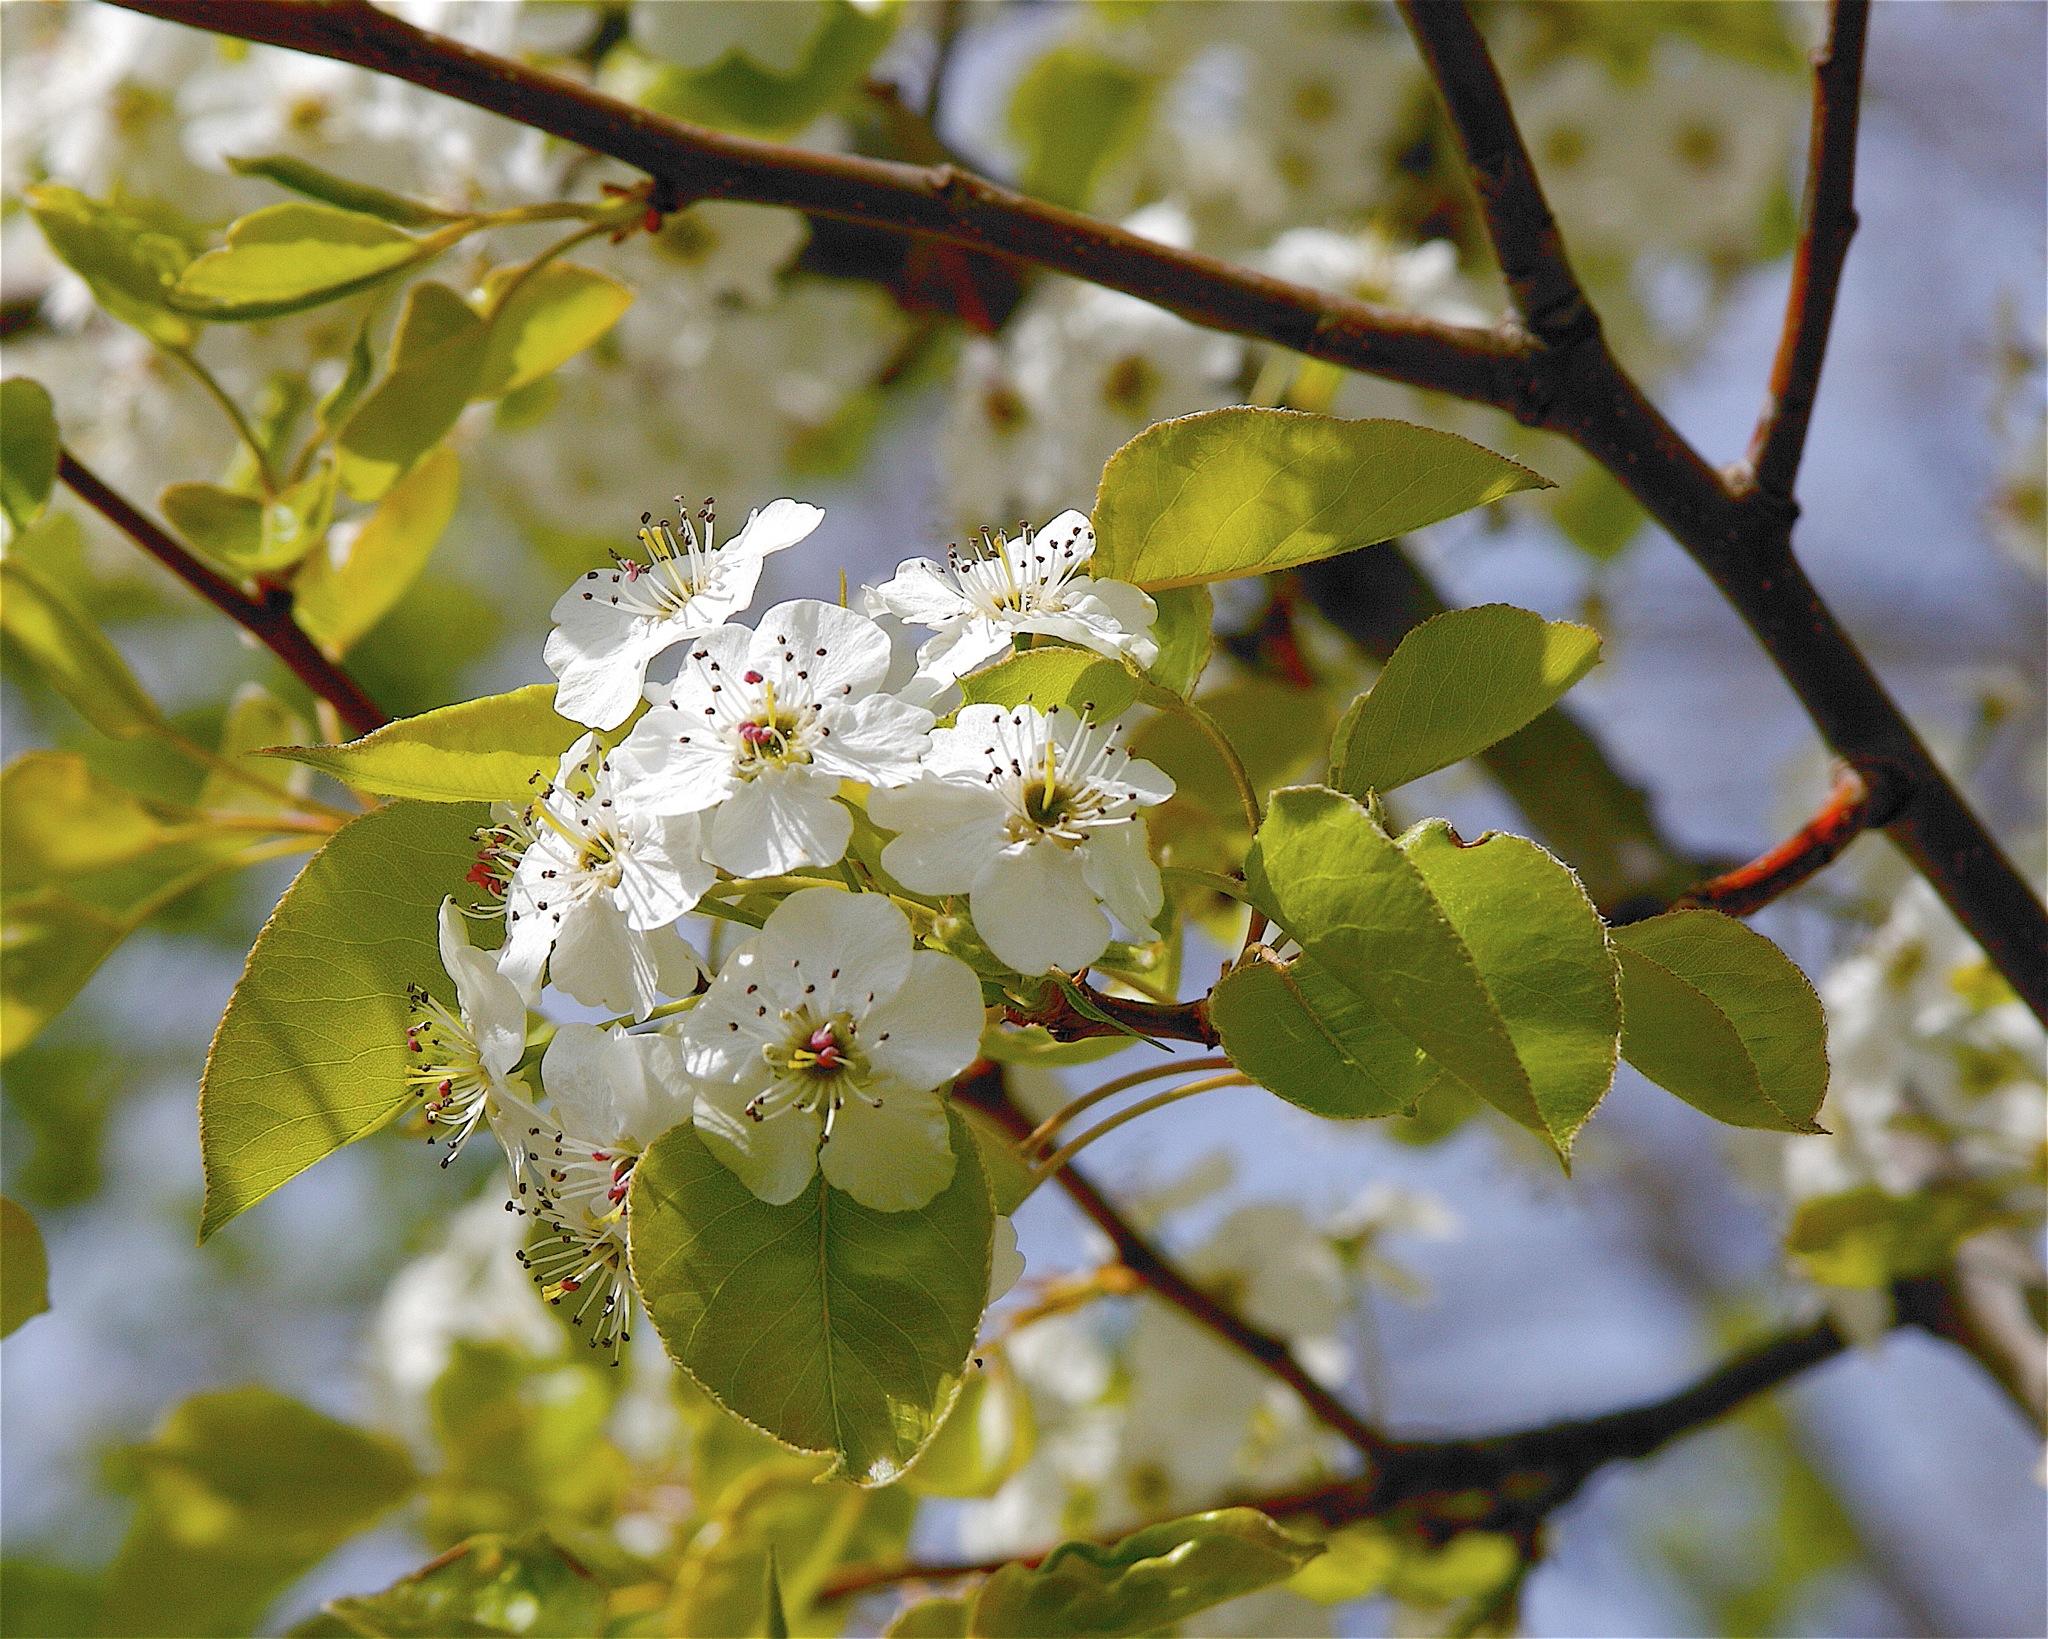 Callery pear flowers. Photo by    Dan Mullen   .